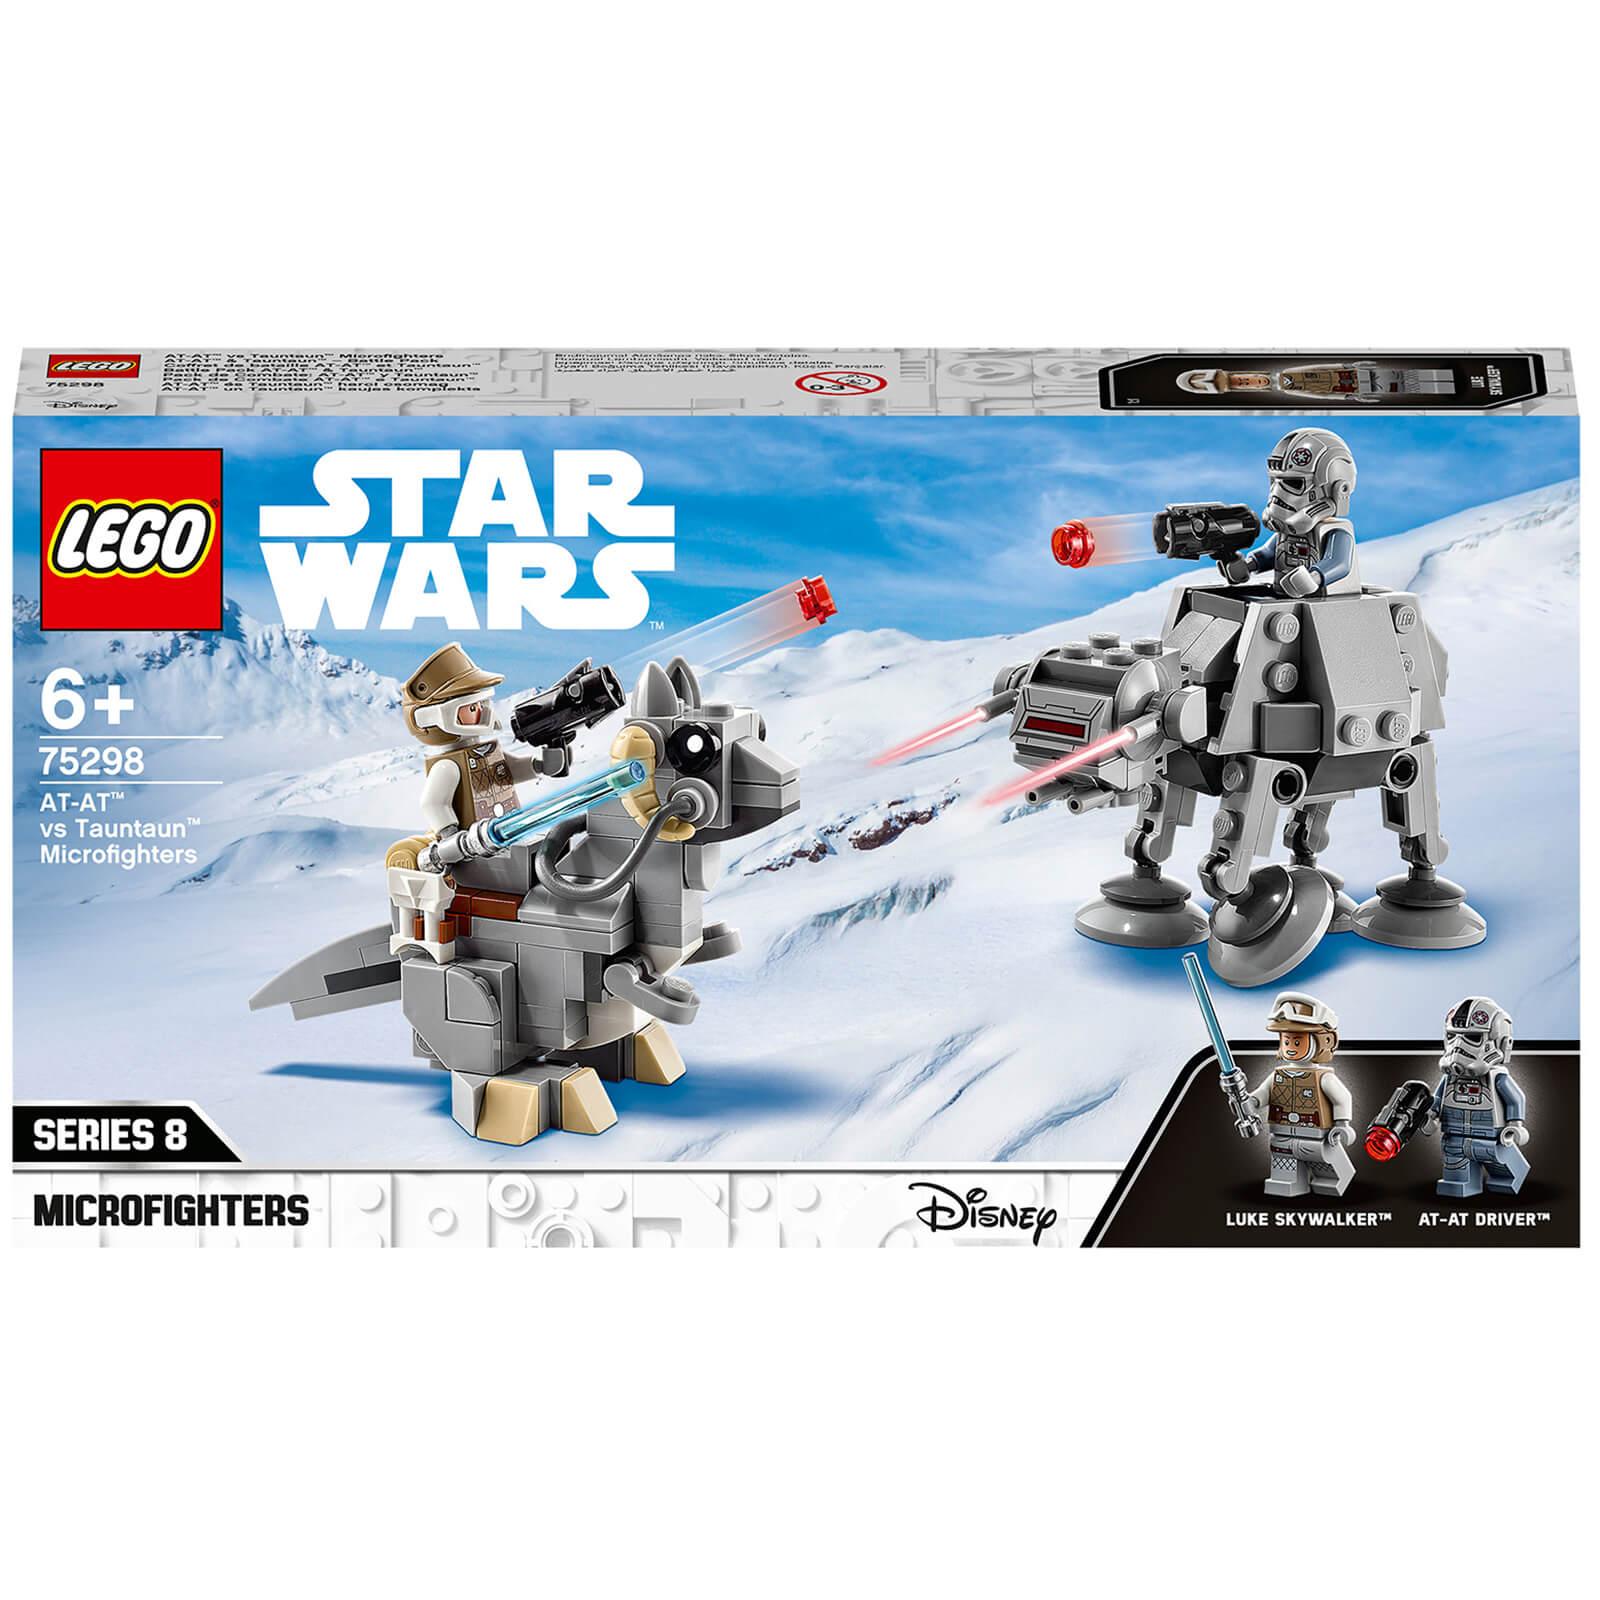 Image of LEGO Star Wars AT-AT vs Tauntaun - 75298